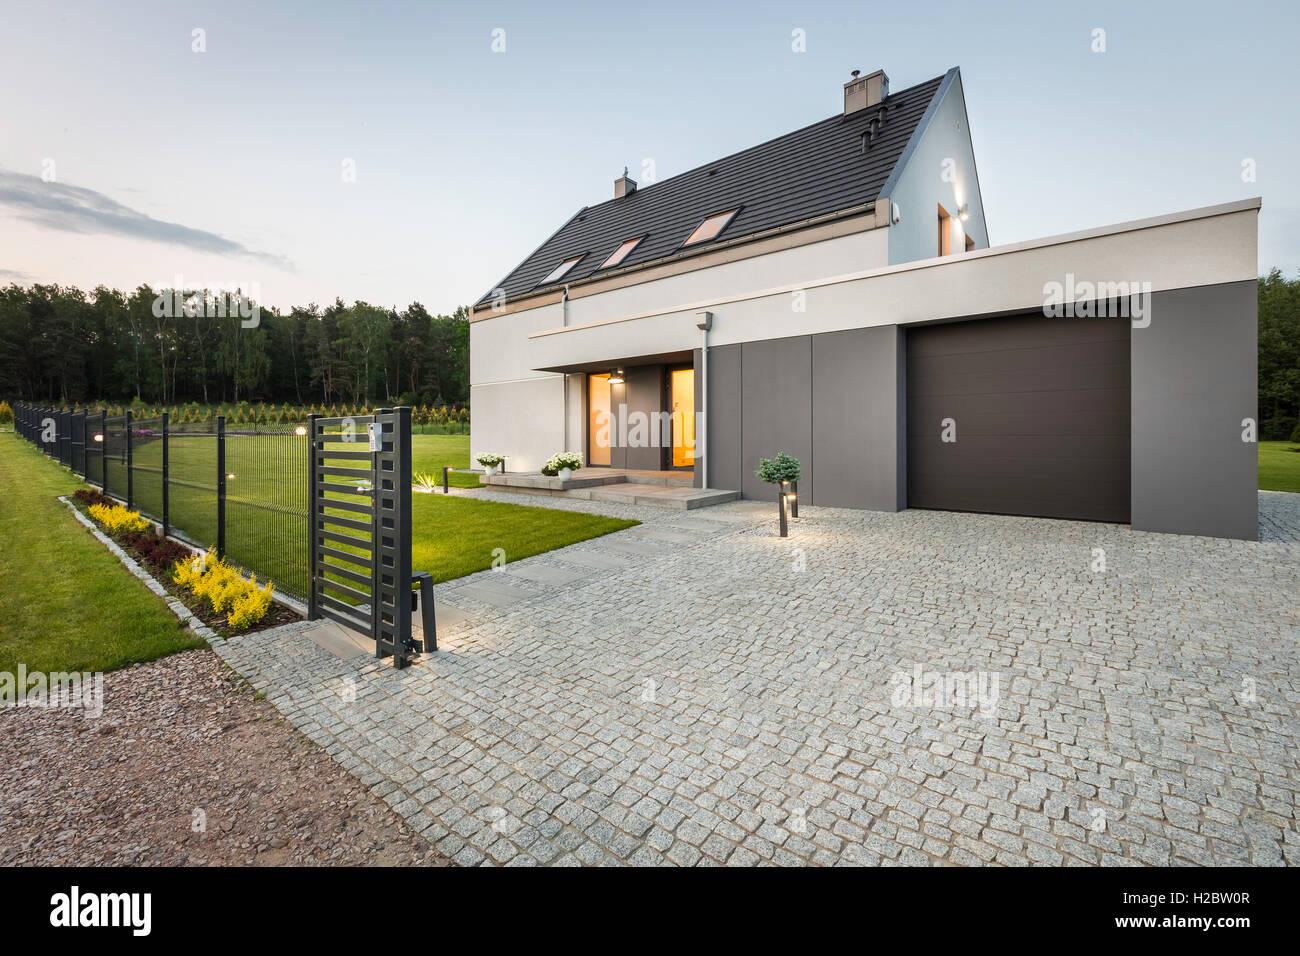 Stilvolle Villa Mit Garage Und Stein Einfahrt Zaun Aussenansicht